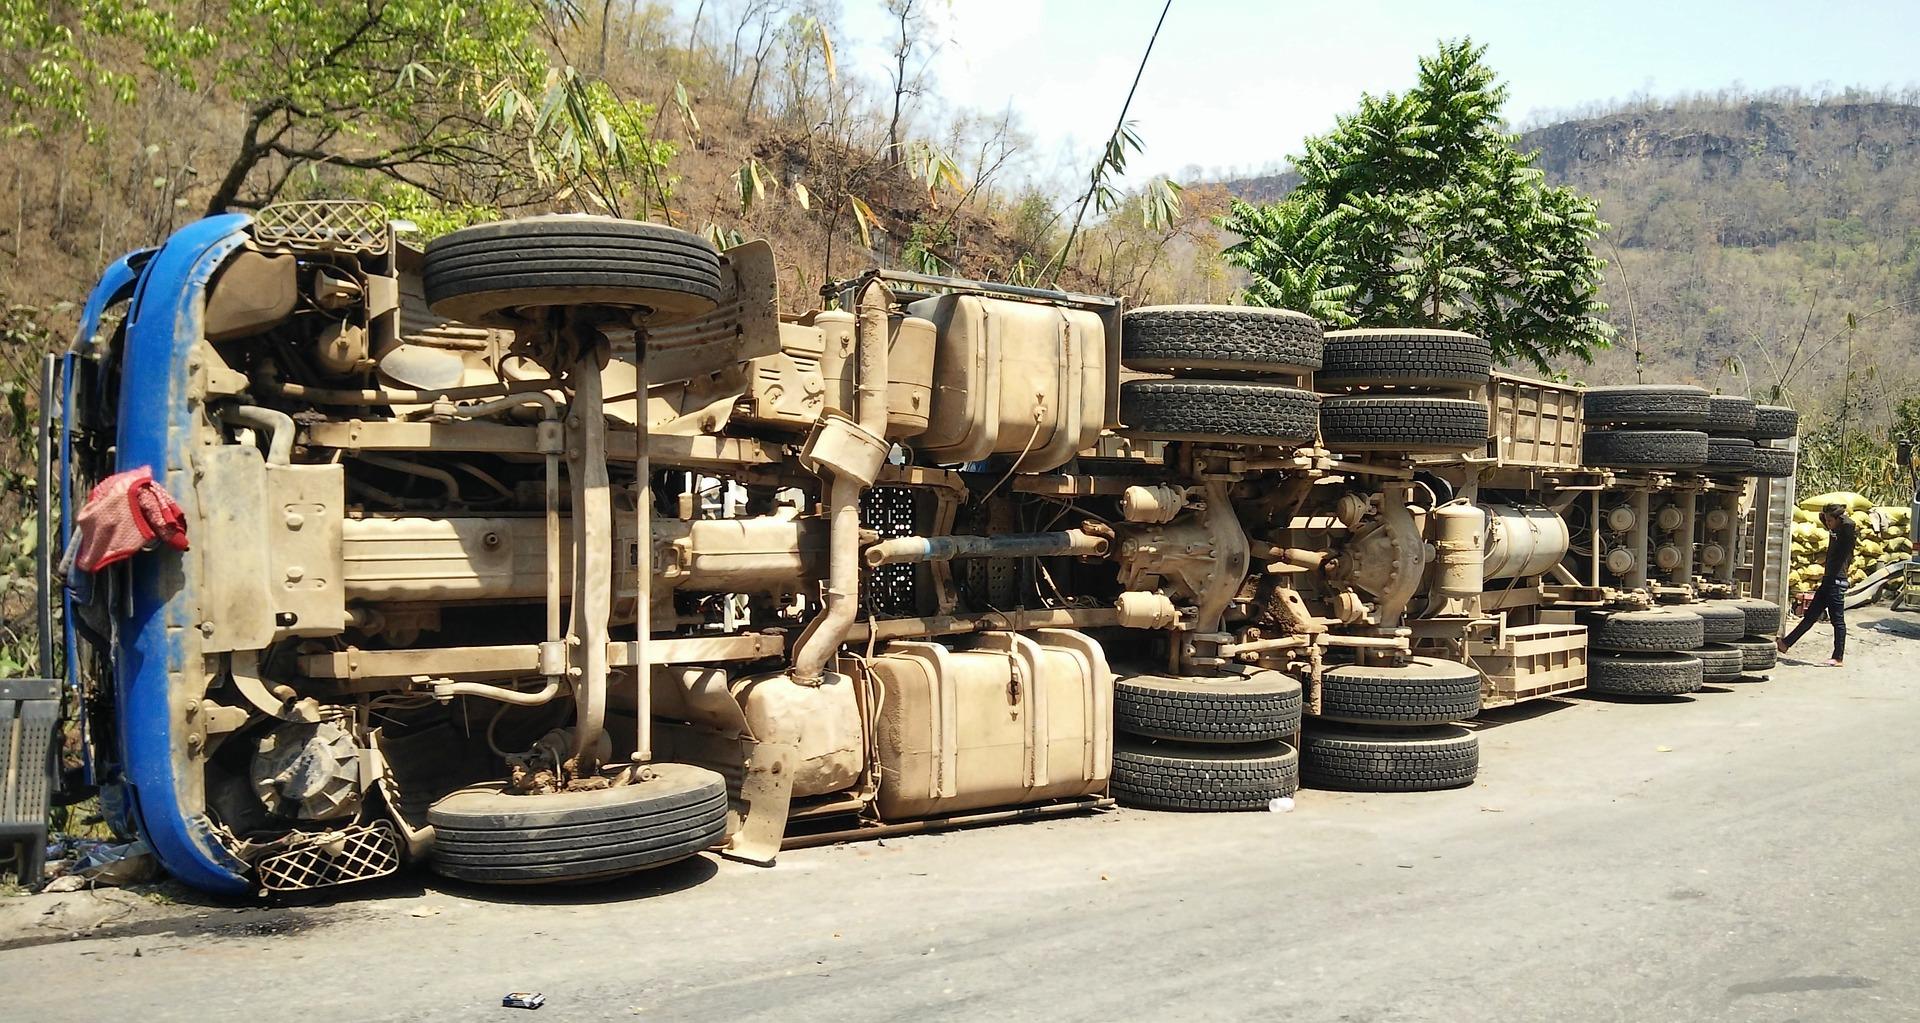 Abogado de Accidentes de Camiones